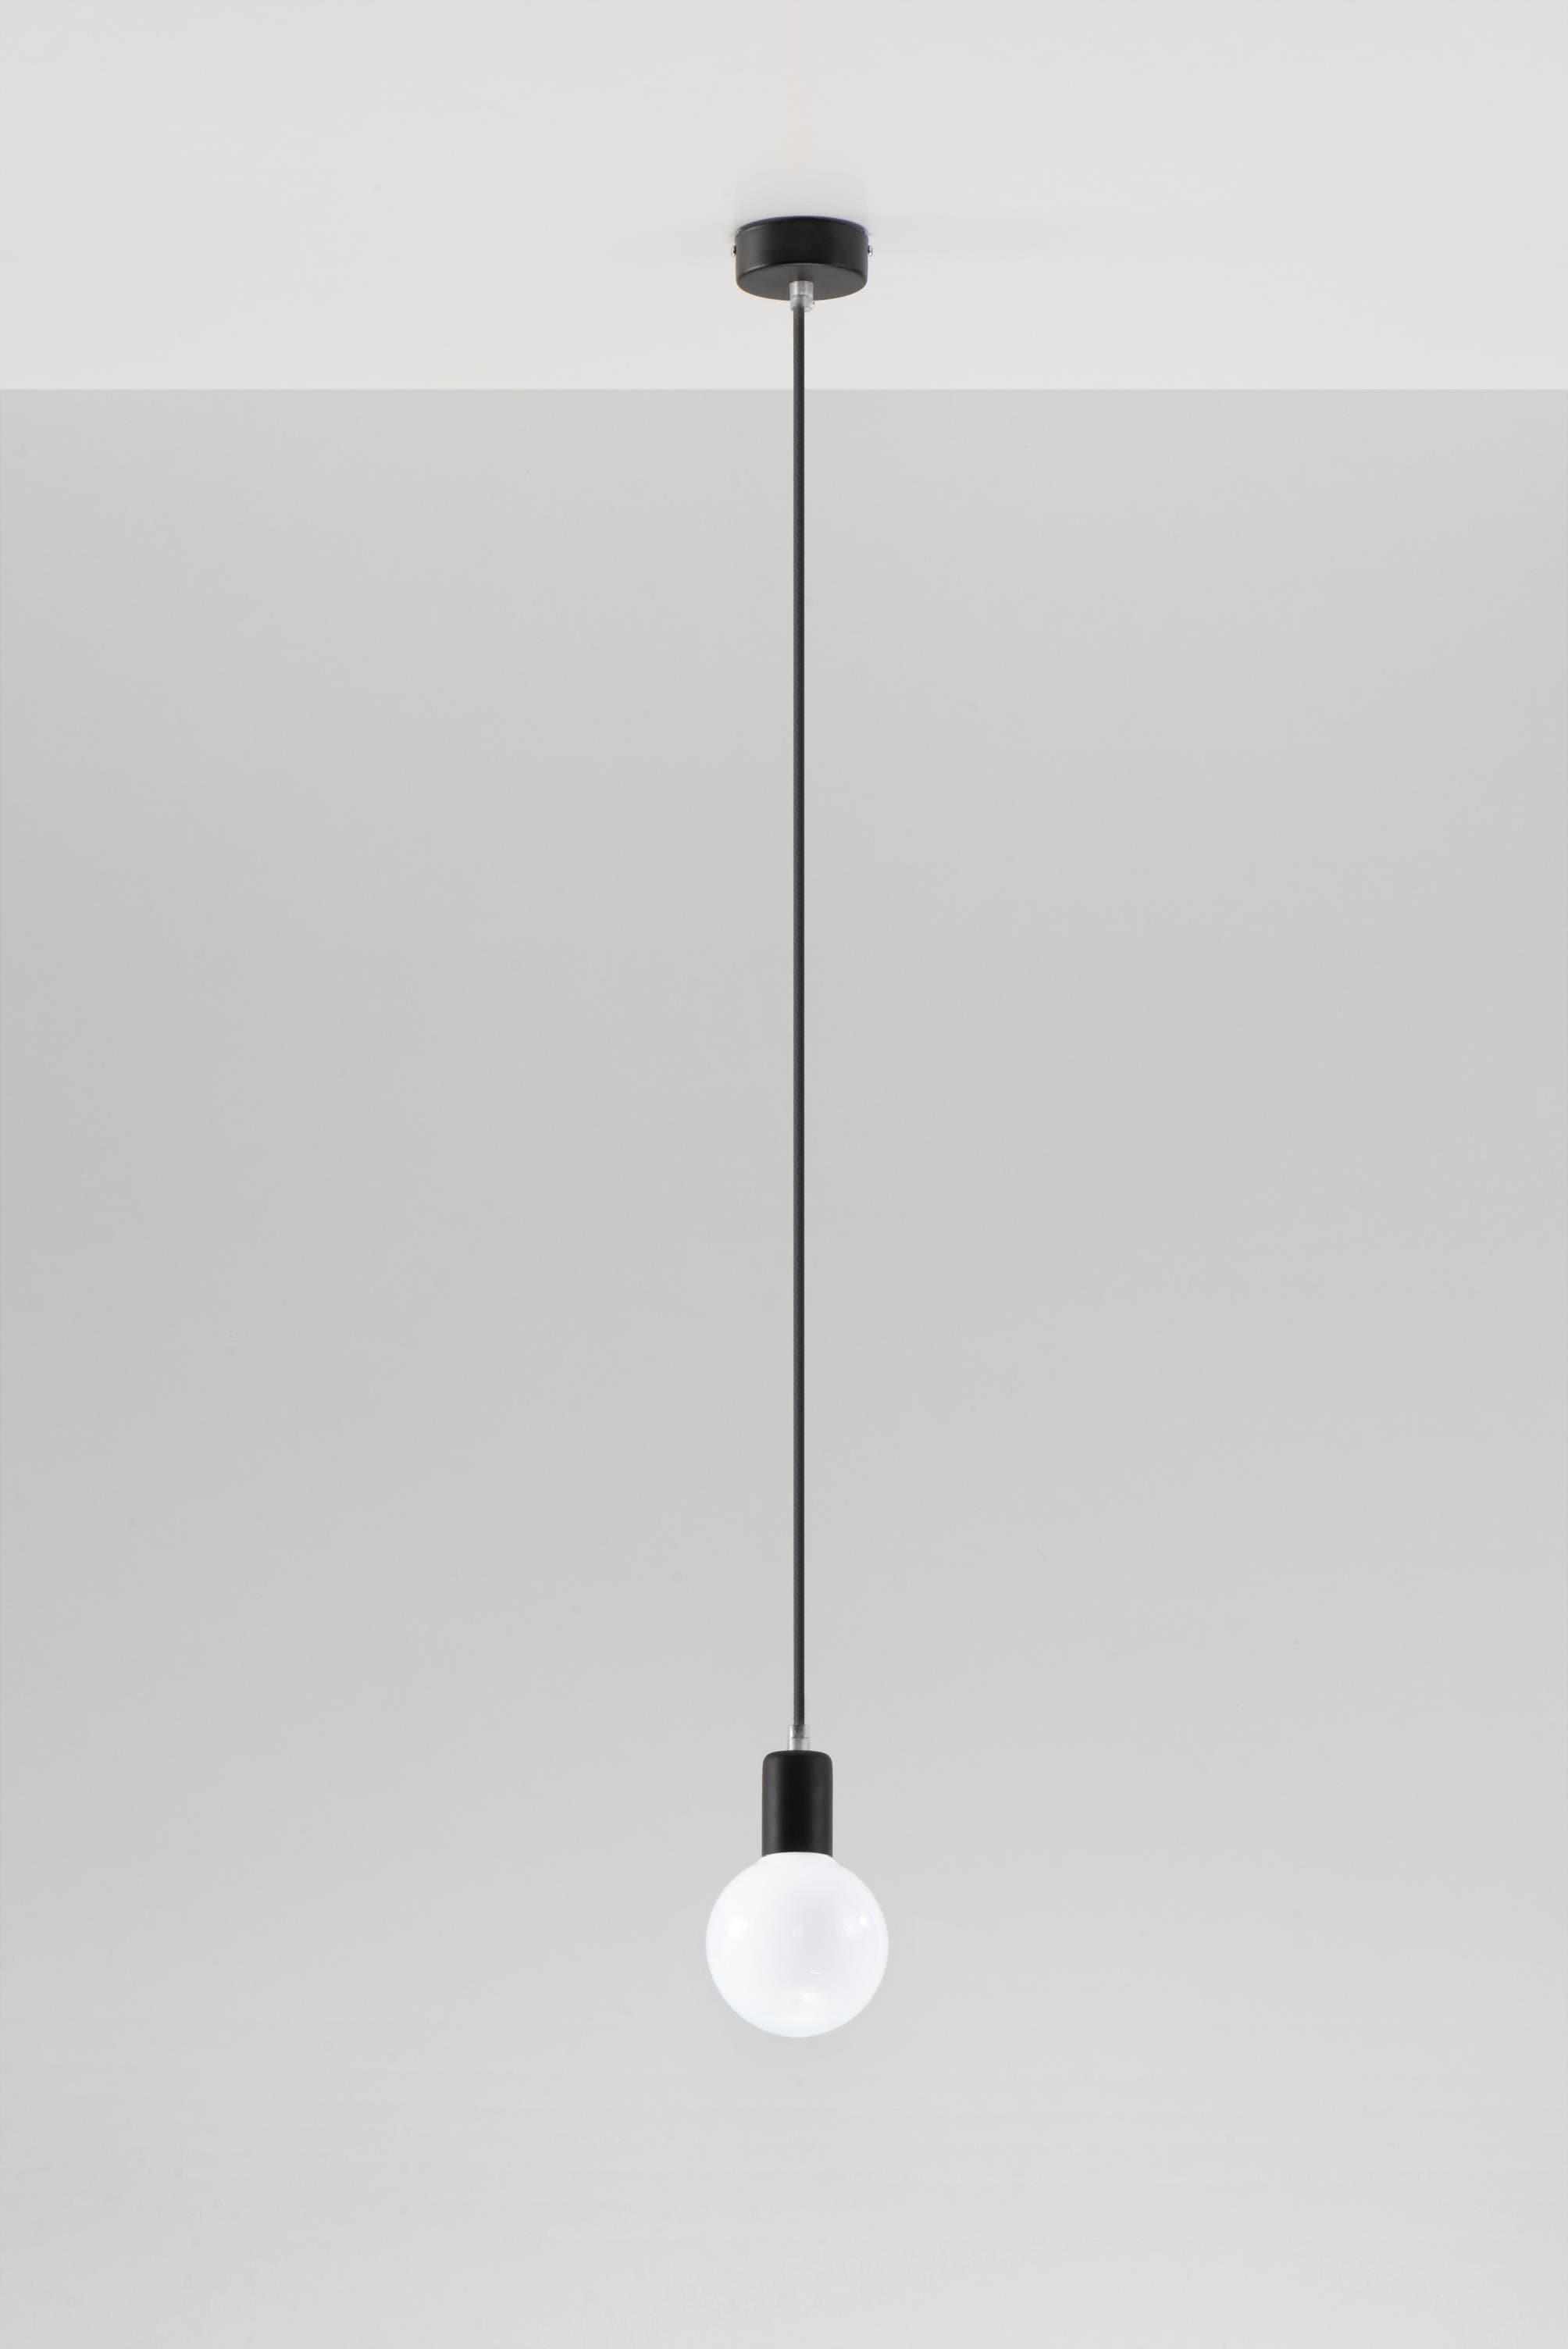 SOLLUX lighting Pendelleuchte Edison, E27, 1 St., Hängeleuchte, Hängelampe